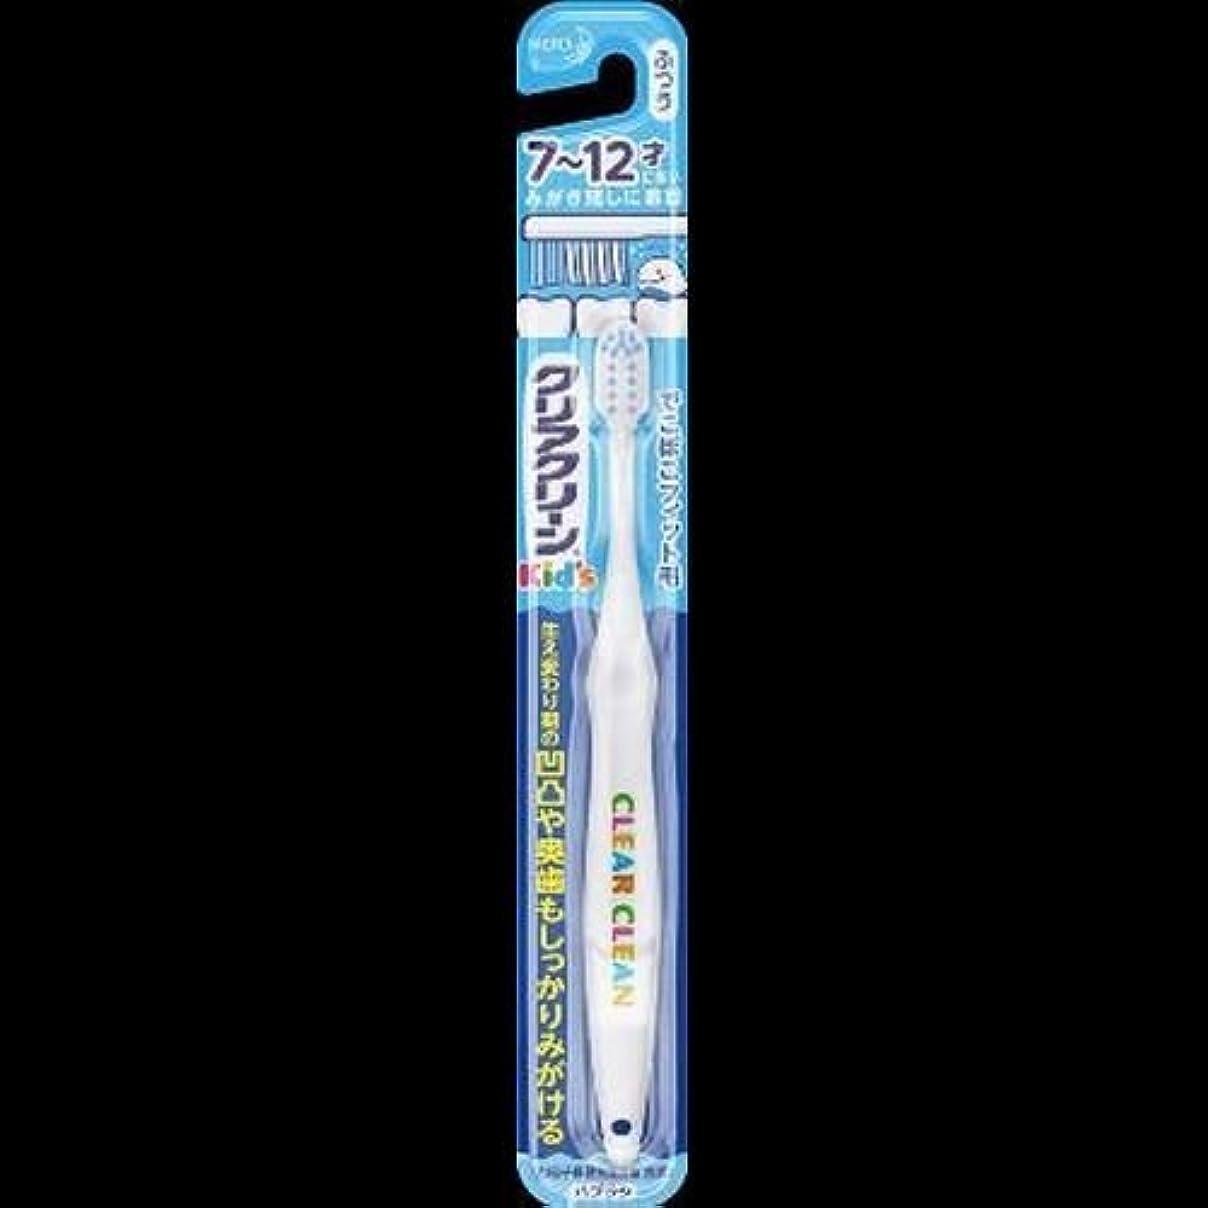 エンターテインメントプロット保有者【まとめ買い】クリアクリーン Kid's ハブラシ7~12才向け 1本 ×2セット